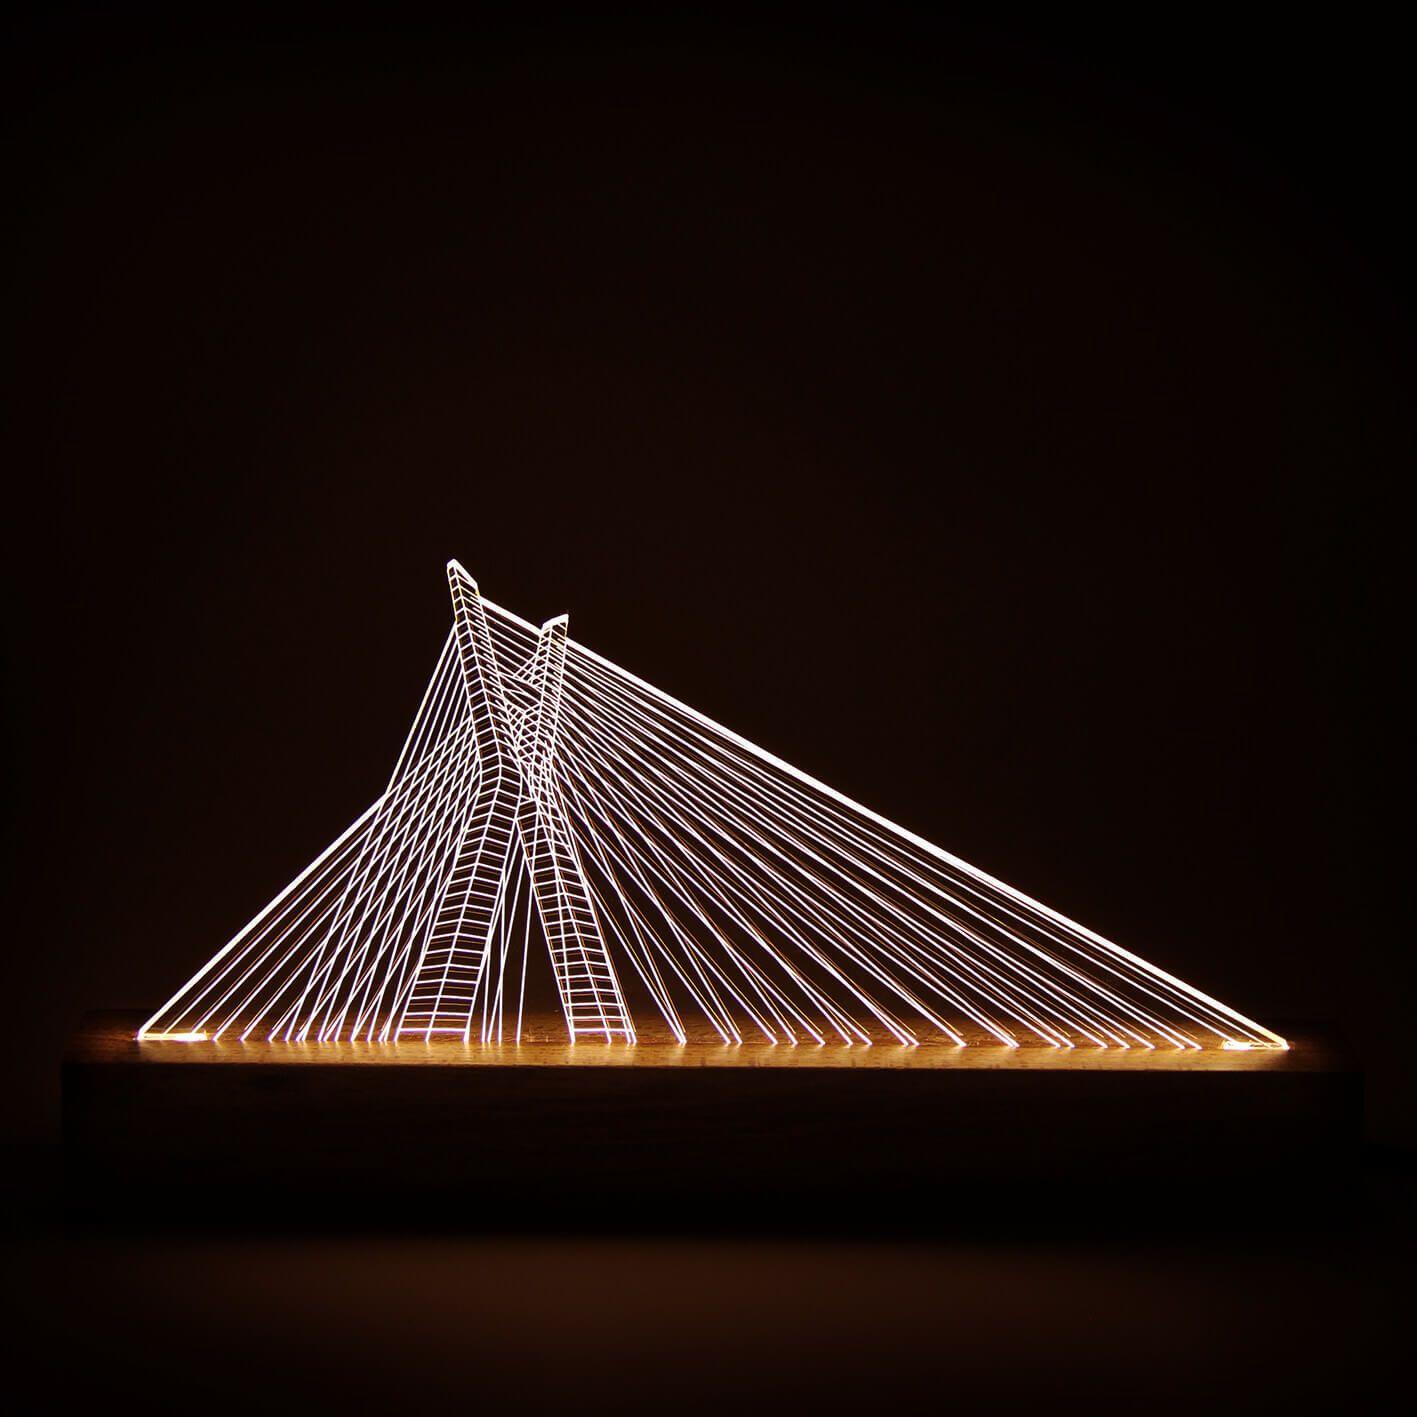 São Paulo - Luminária Ponte Estaiada